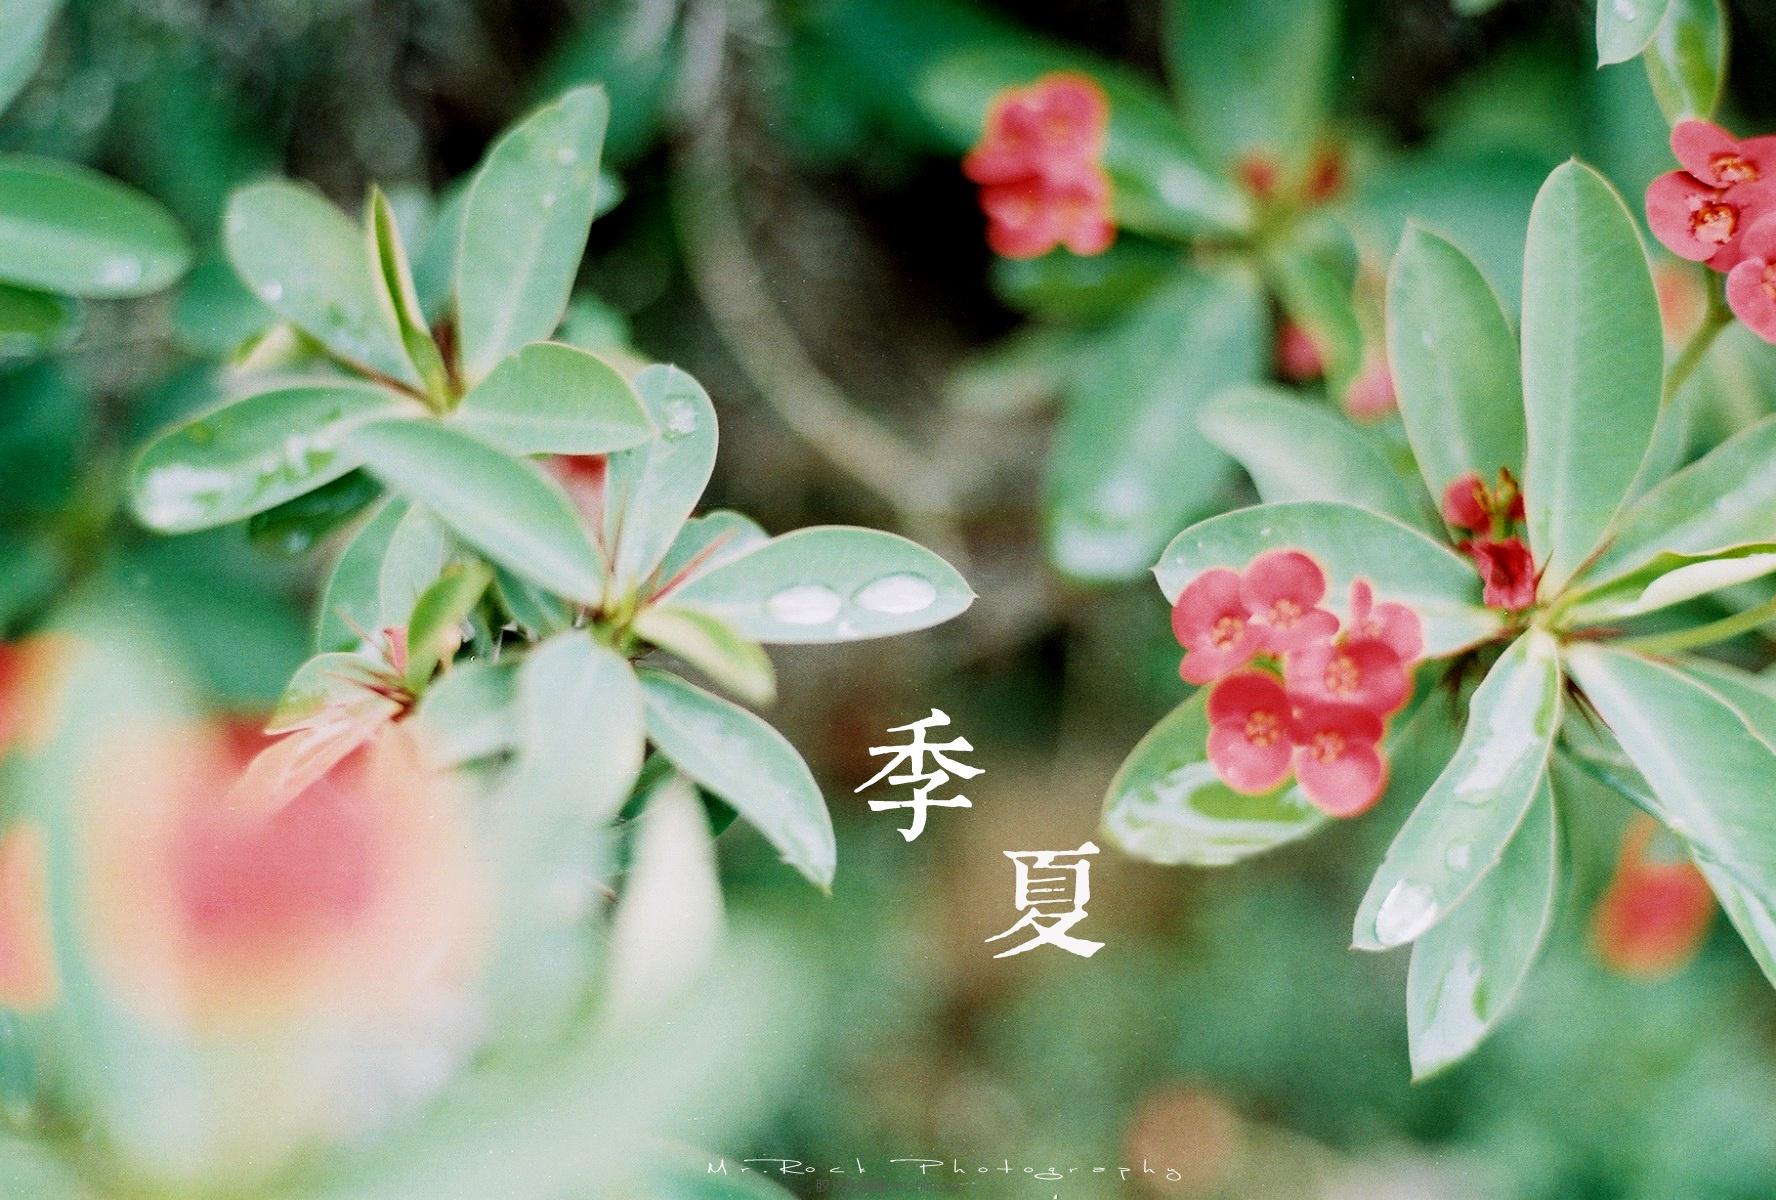 菲林日记·六月季夏 (4)